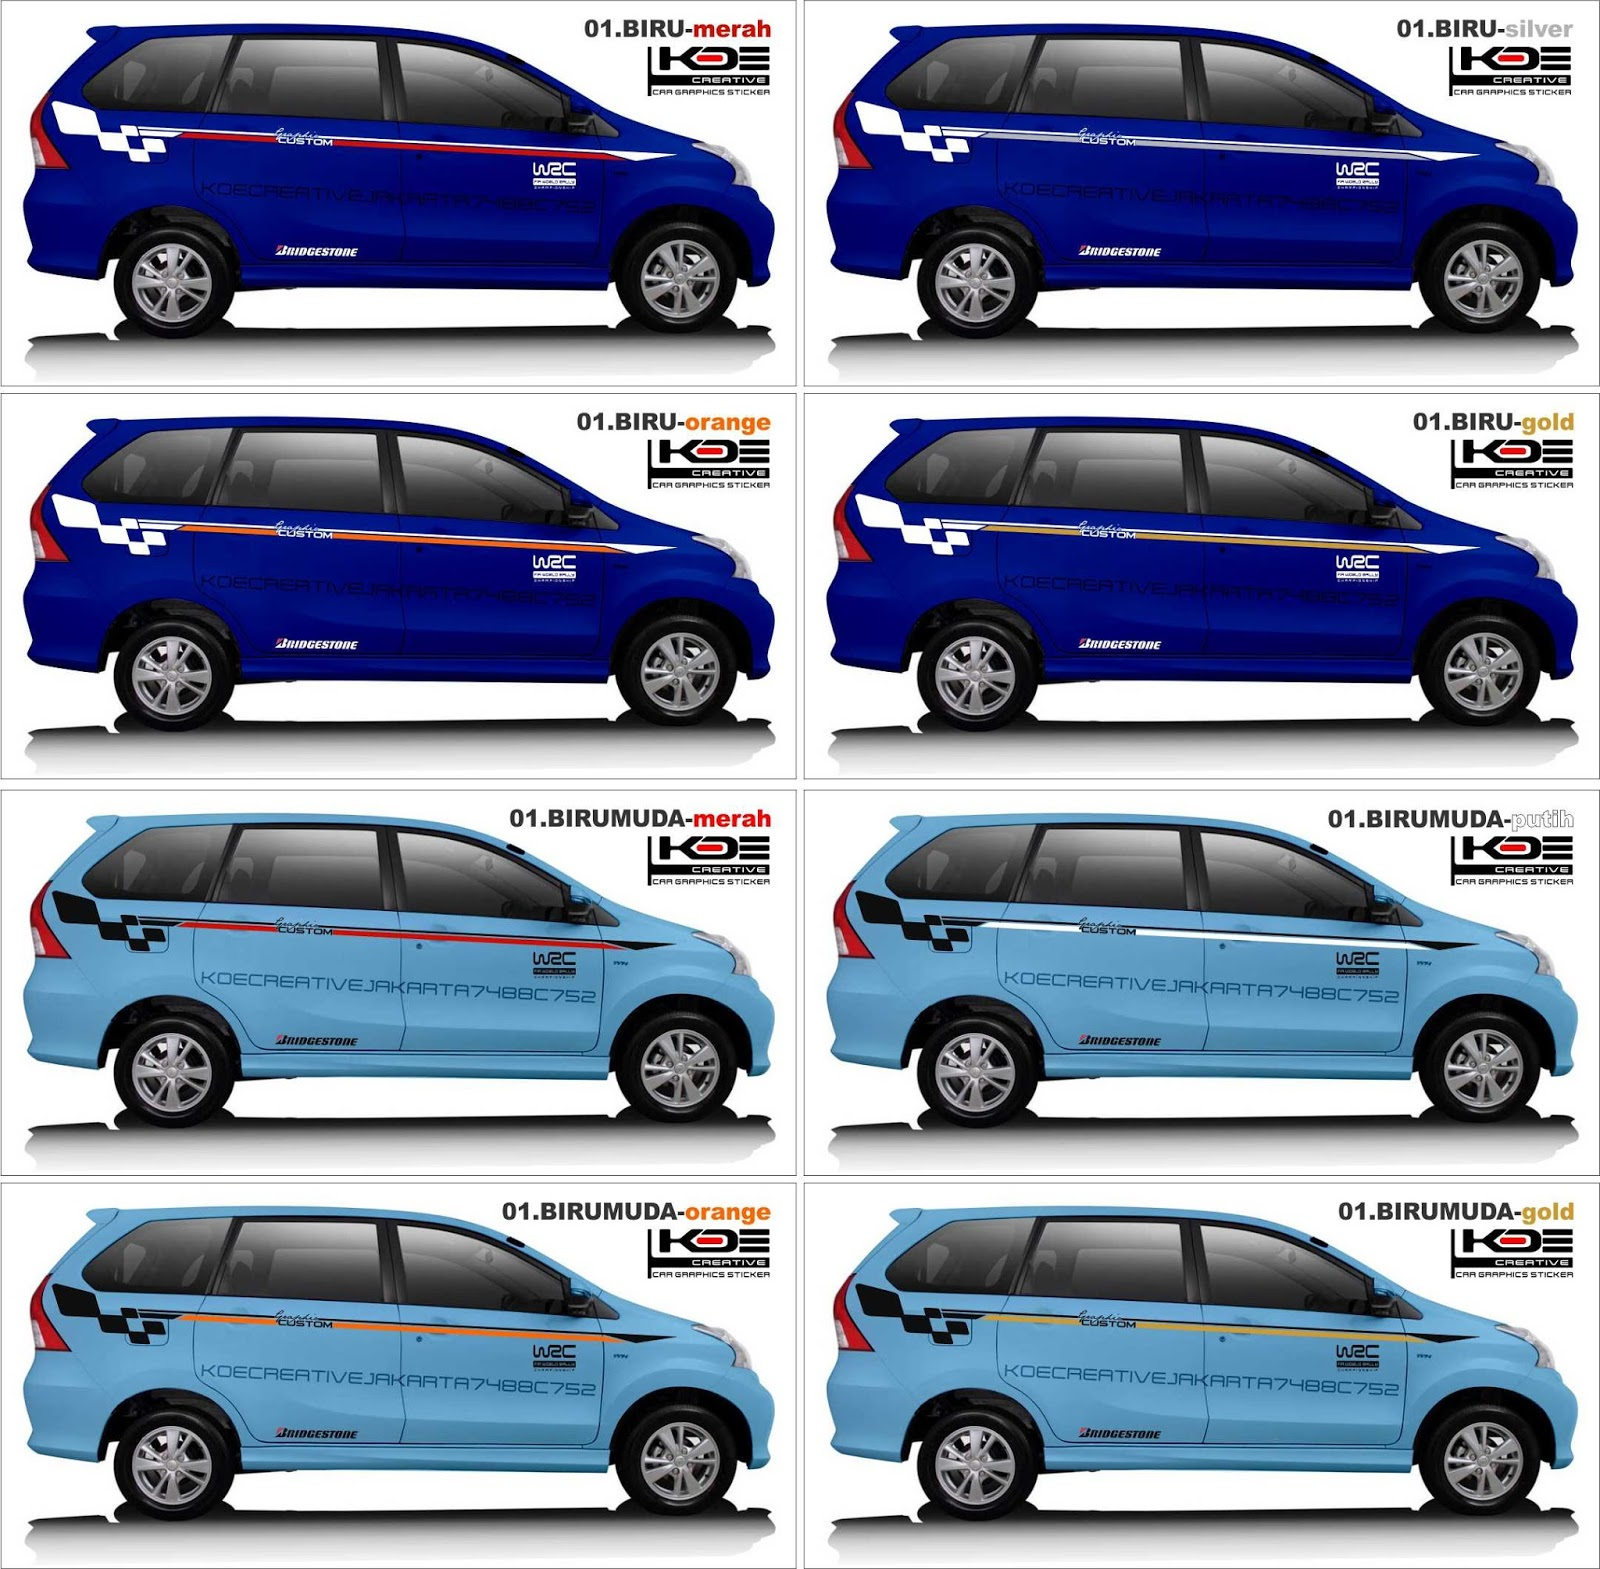 Stiker Mobil Daihatsu Xenia Toyota Avanza Terbaru Stiker Cutting Mobil Xenia Avanza Lazada Indonesia